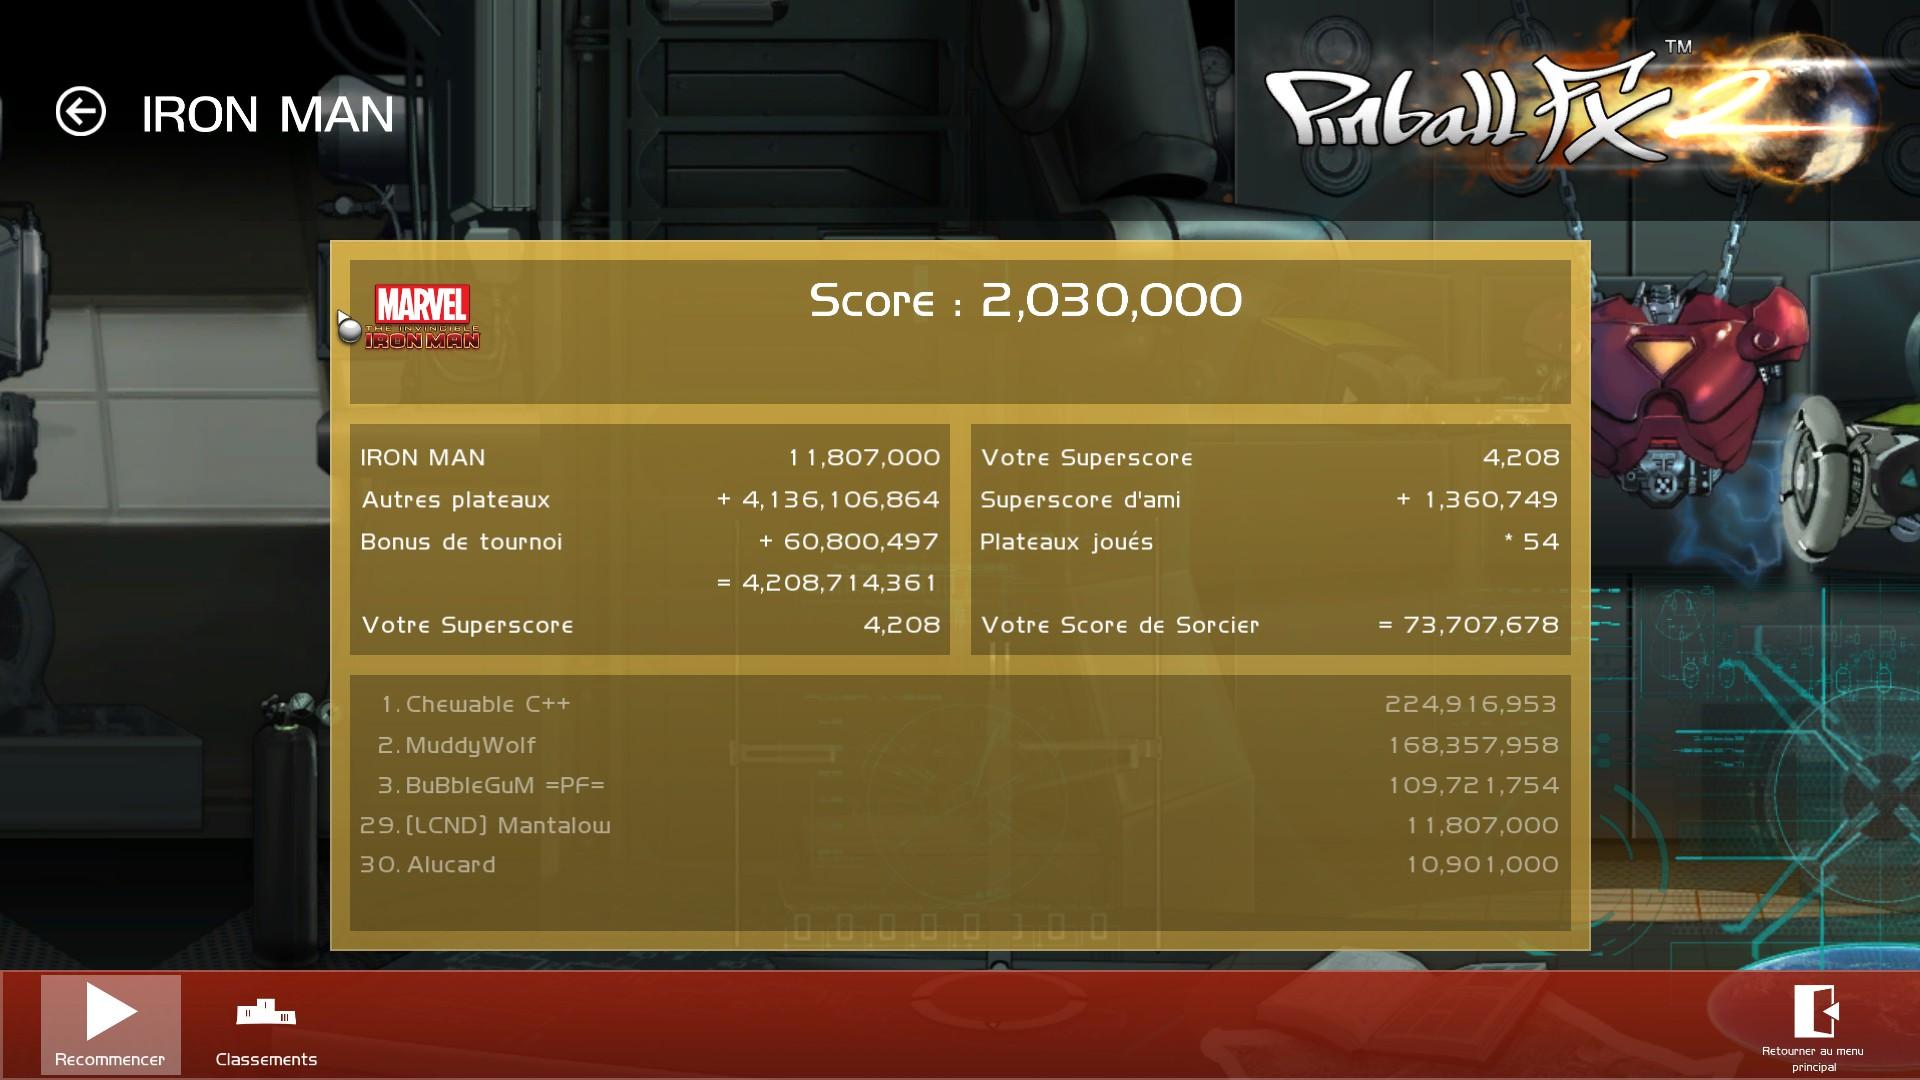 Mantalow: Pinball FX 2: Iron Man (PC) 11,807,000 points on 2015-07-22 04:44:01